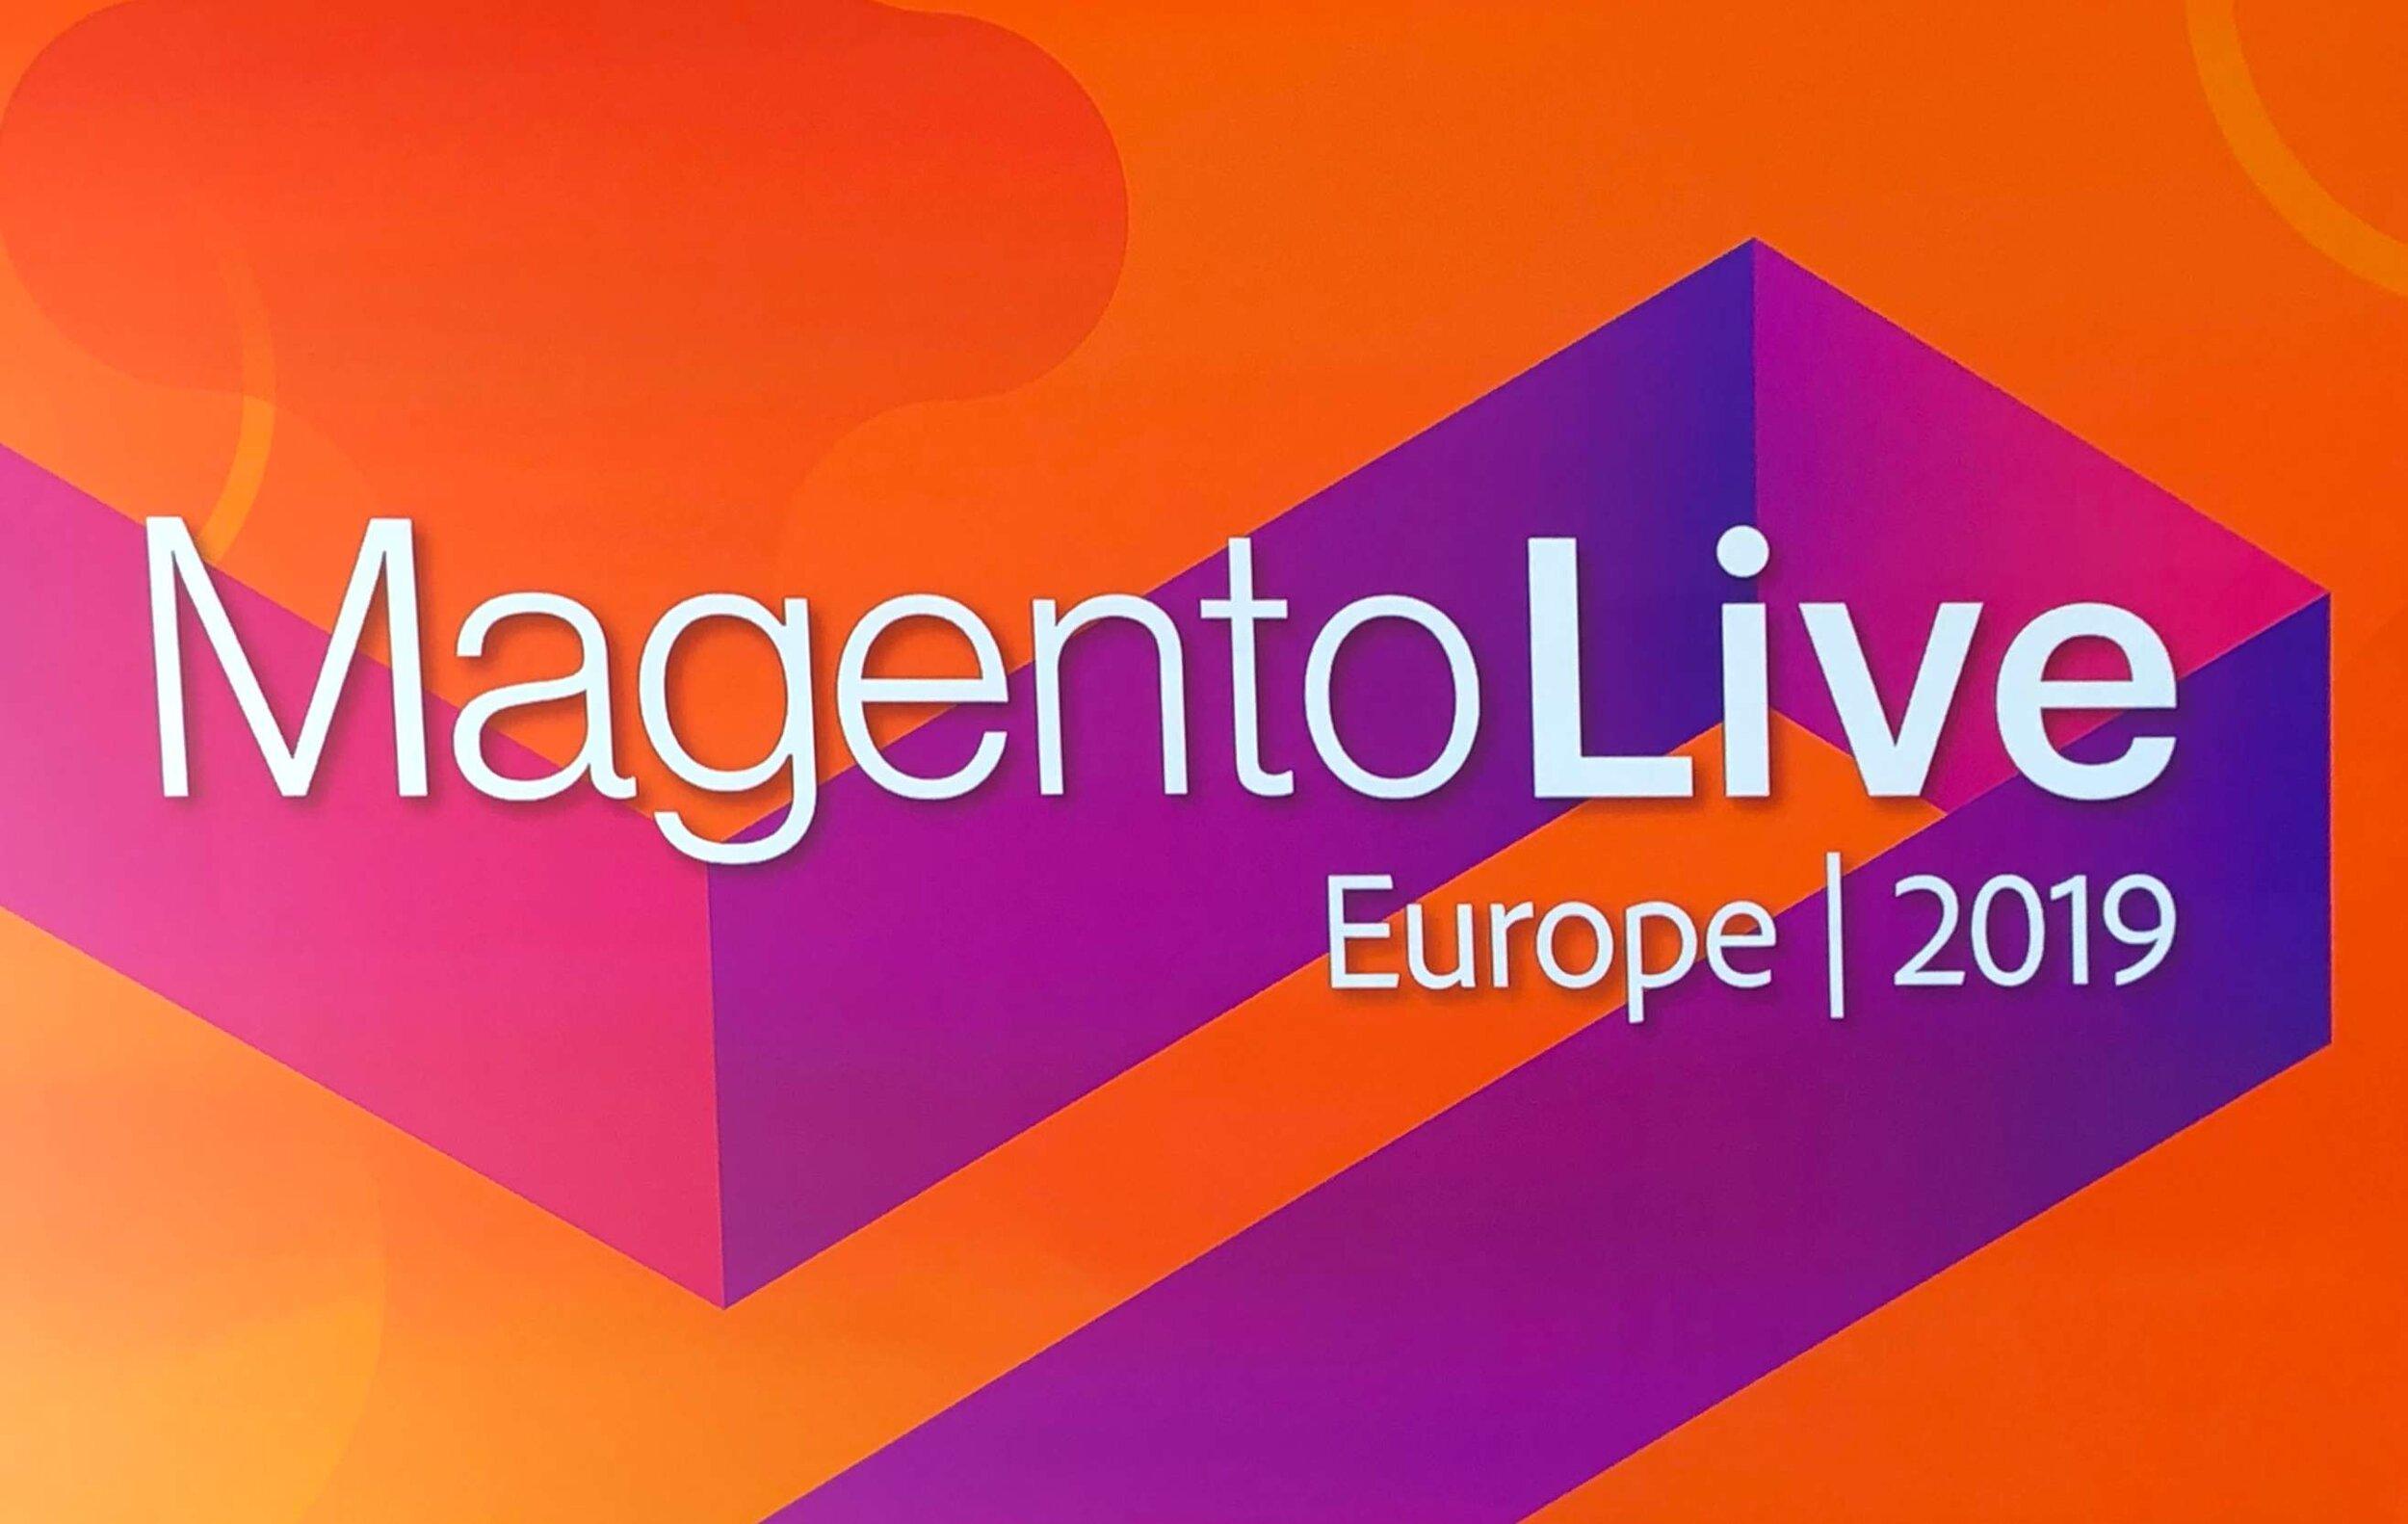 Magento Live 2019